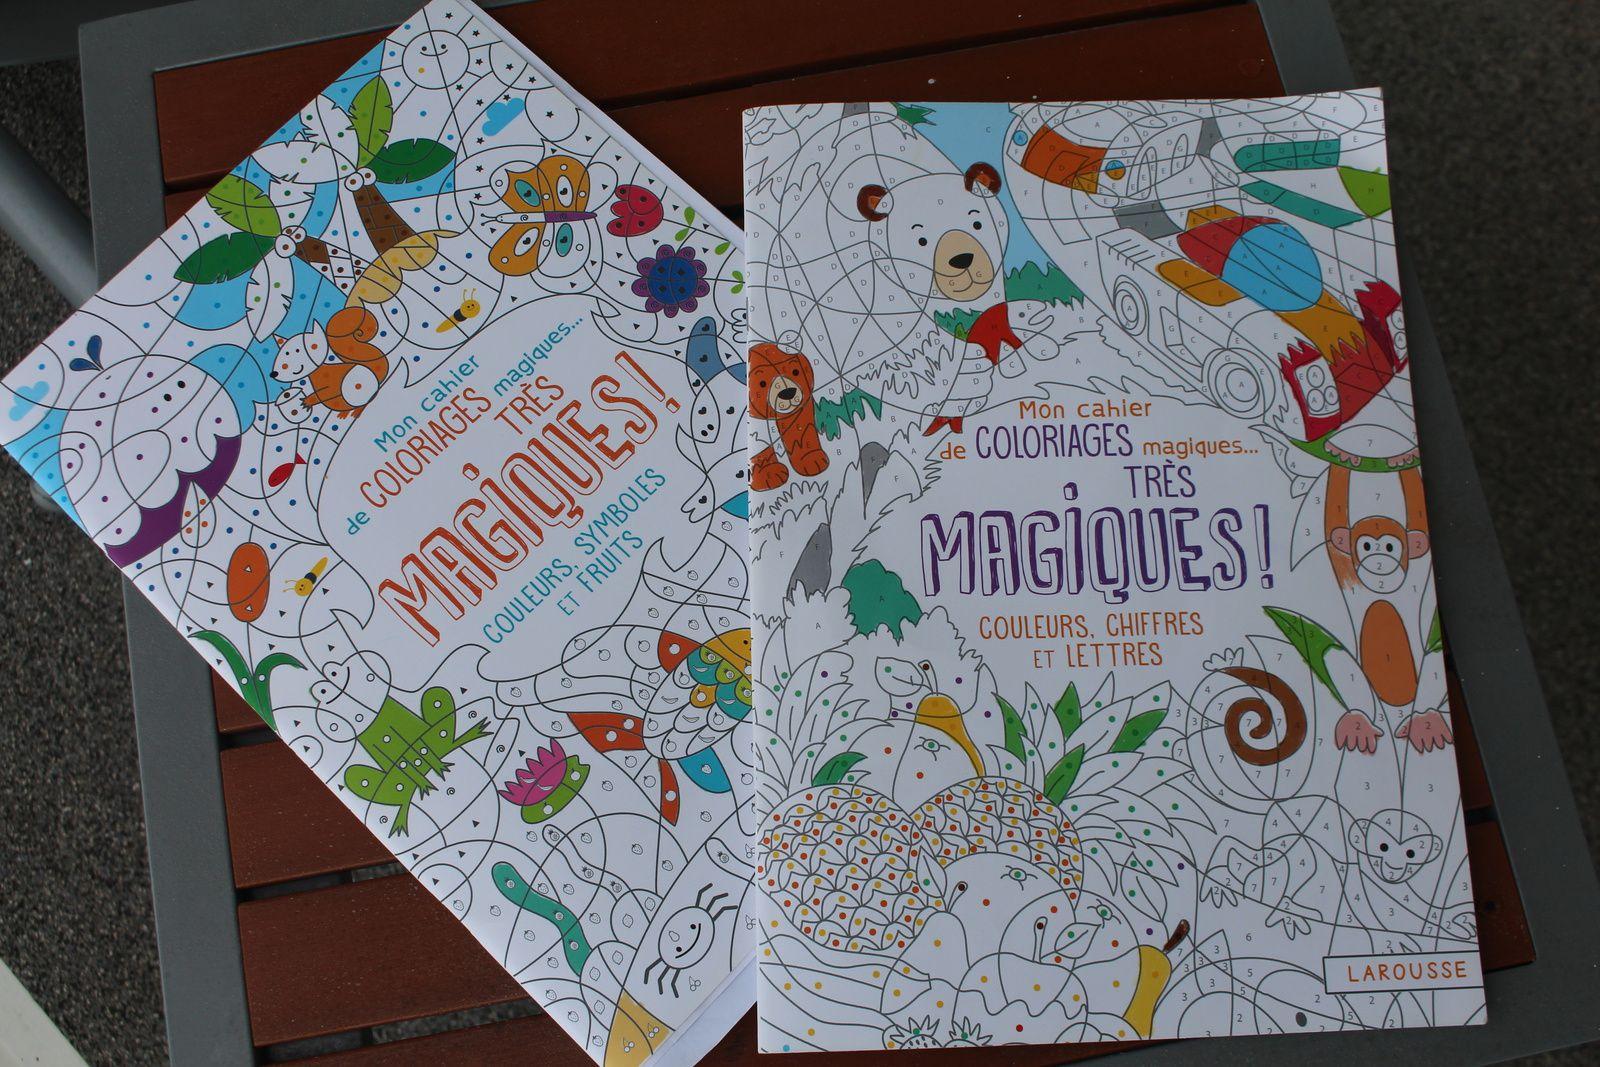 Cahiers de coloriages très magiques